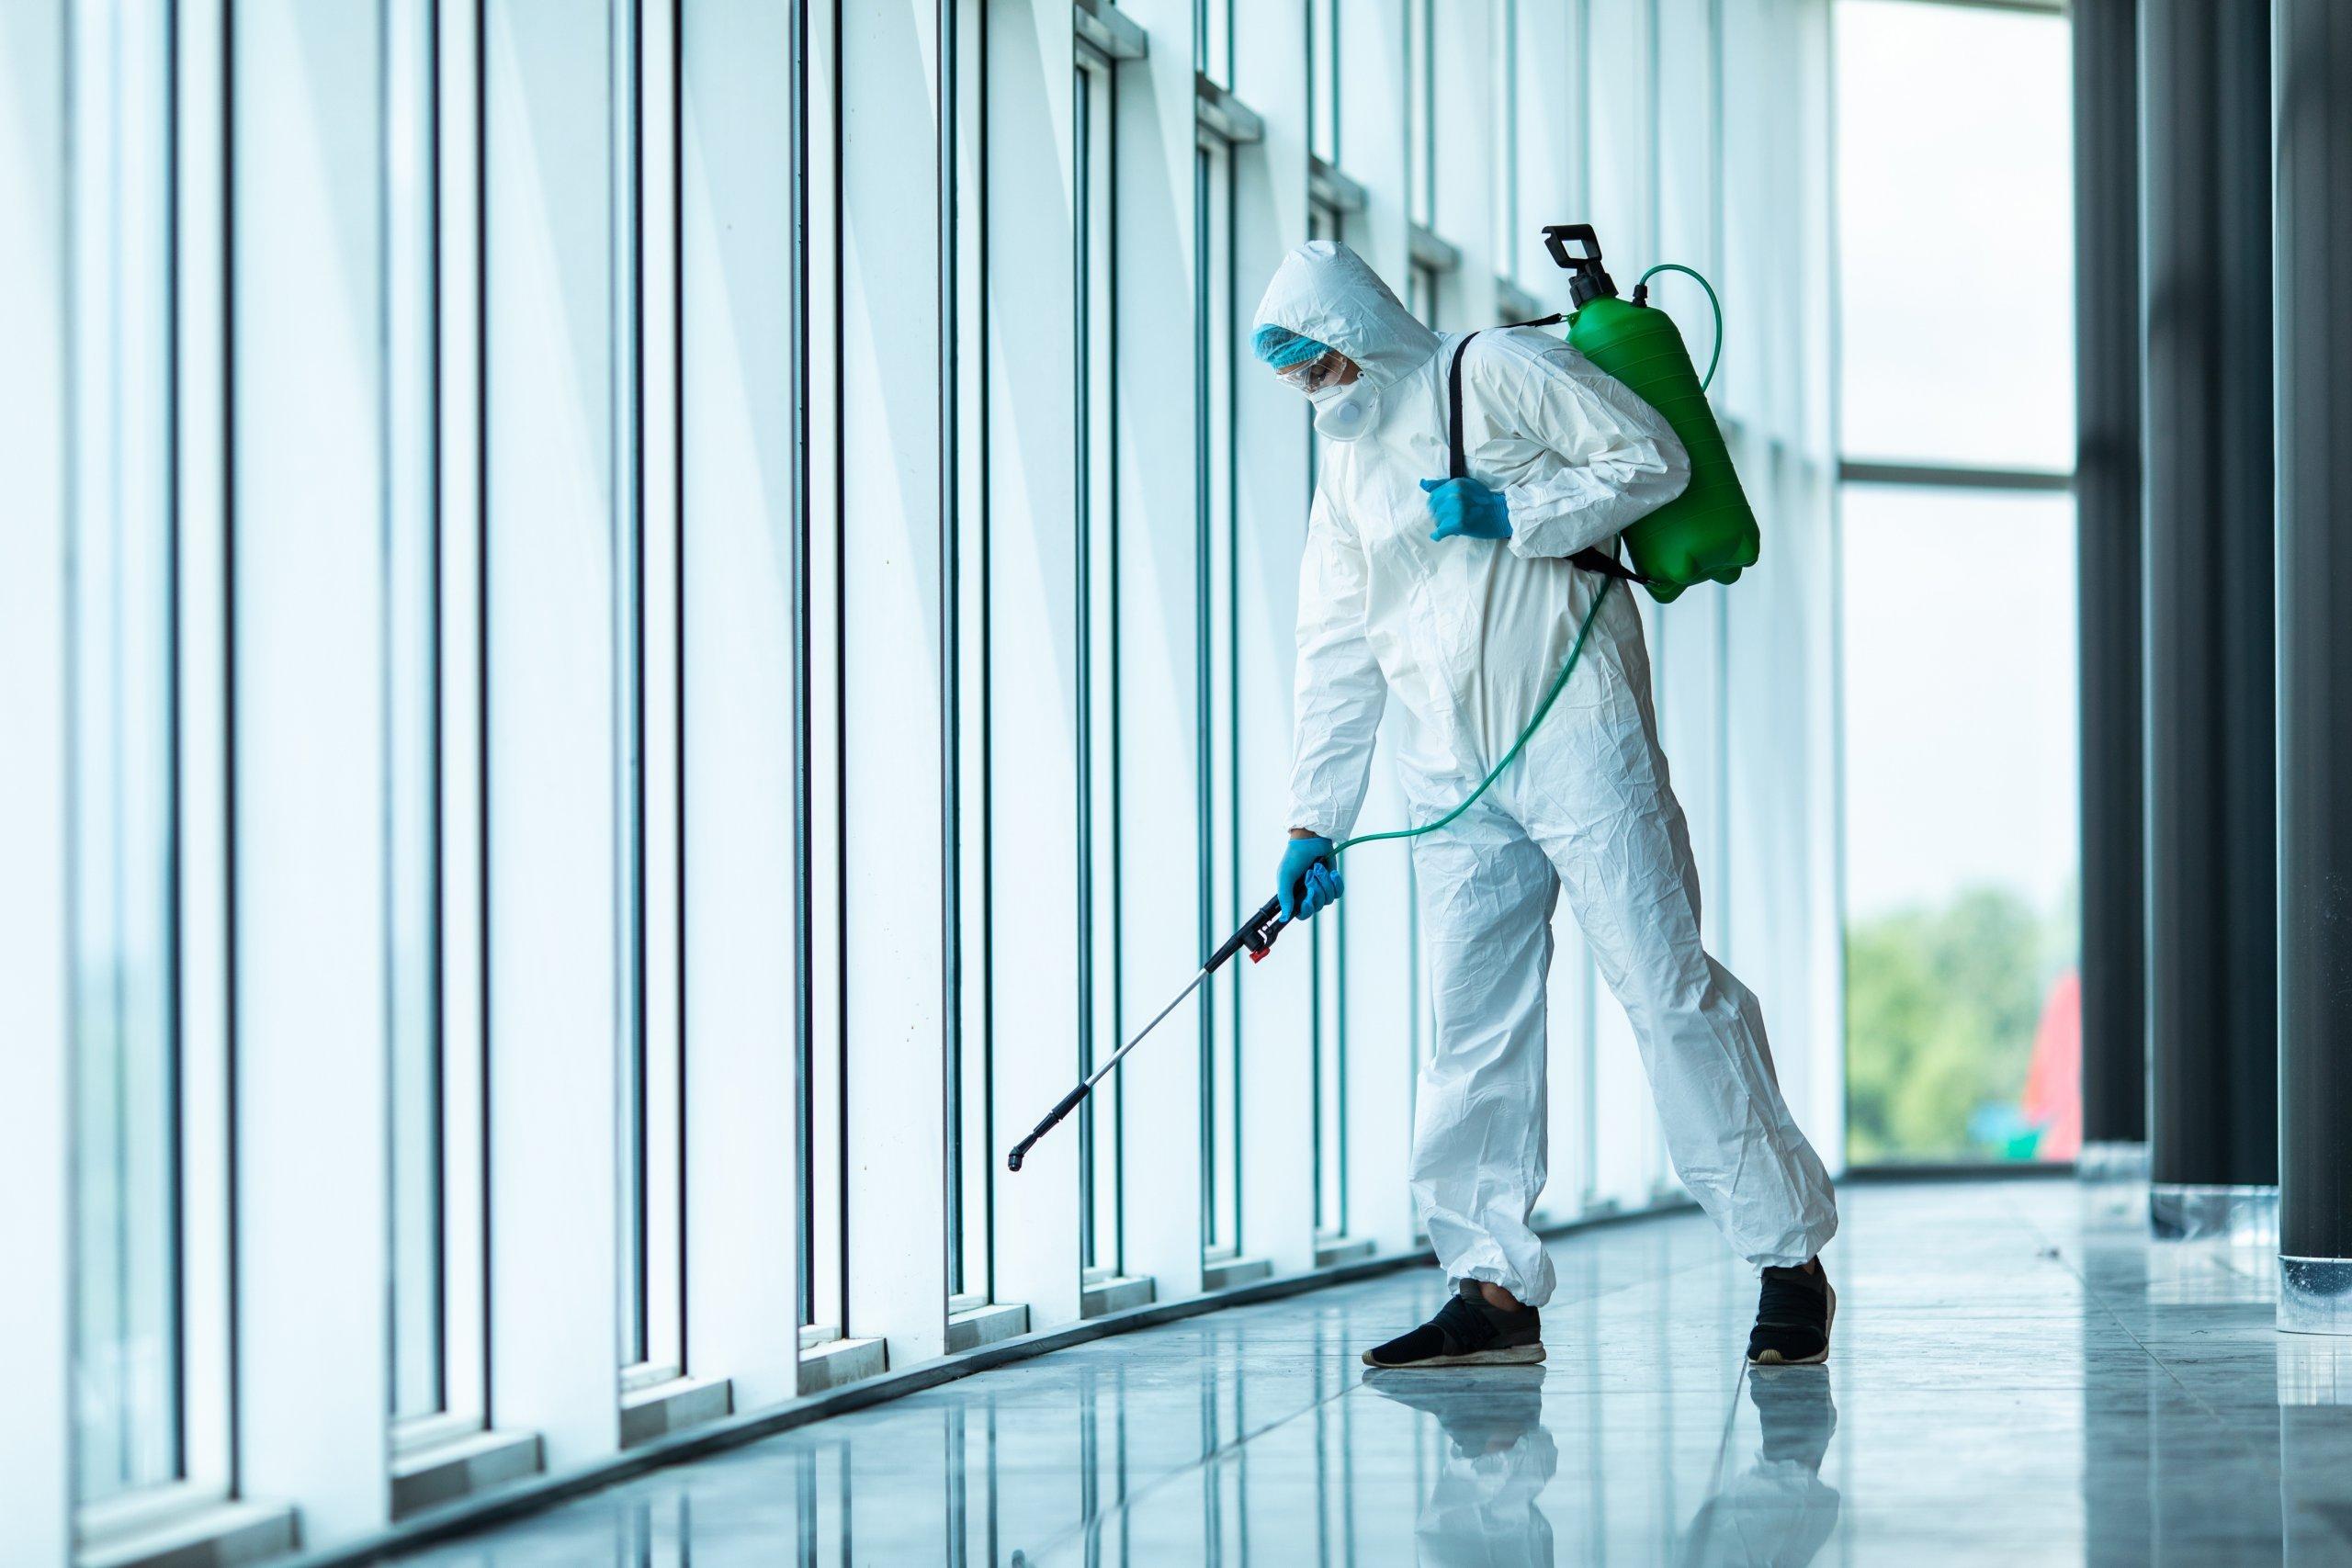 Man in full PPE sanitising room